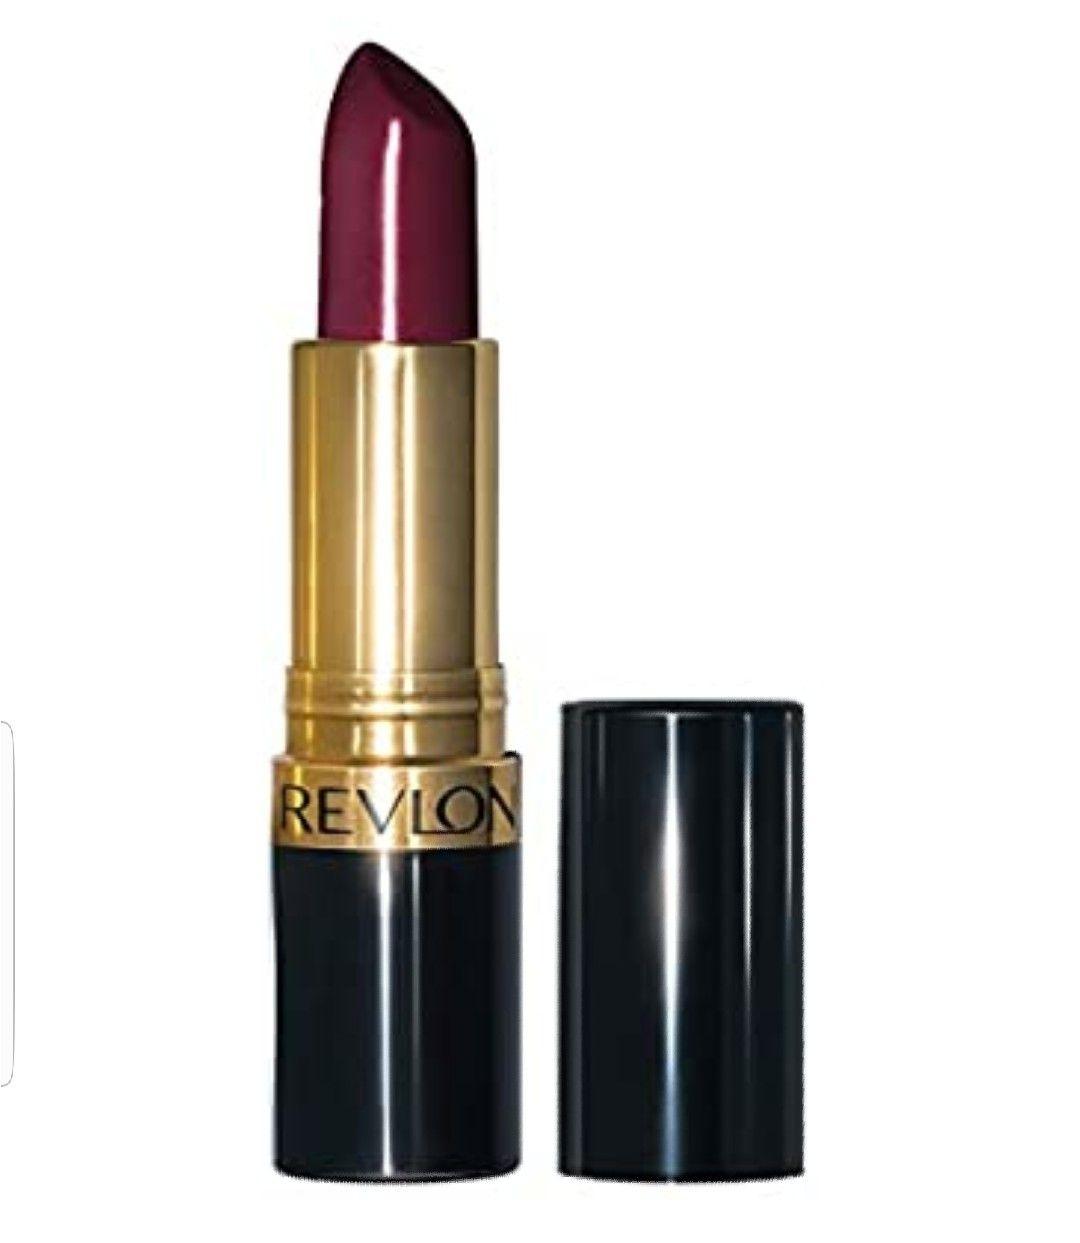 Revlon Super Lustrous Black Cherry PLUS.